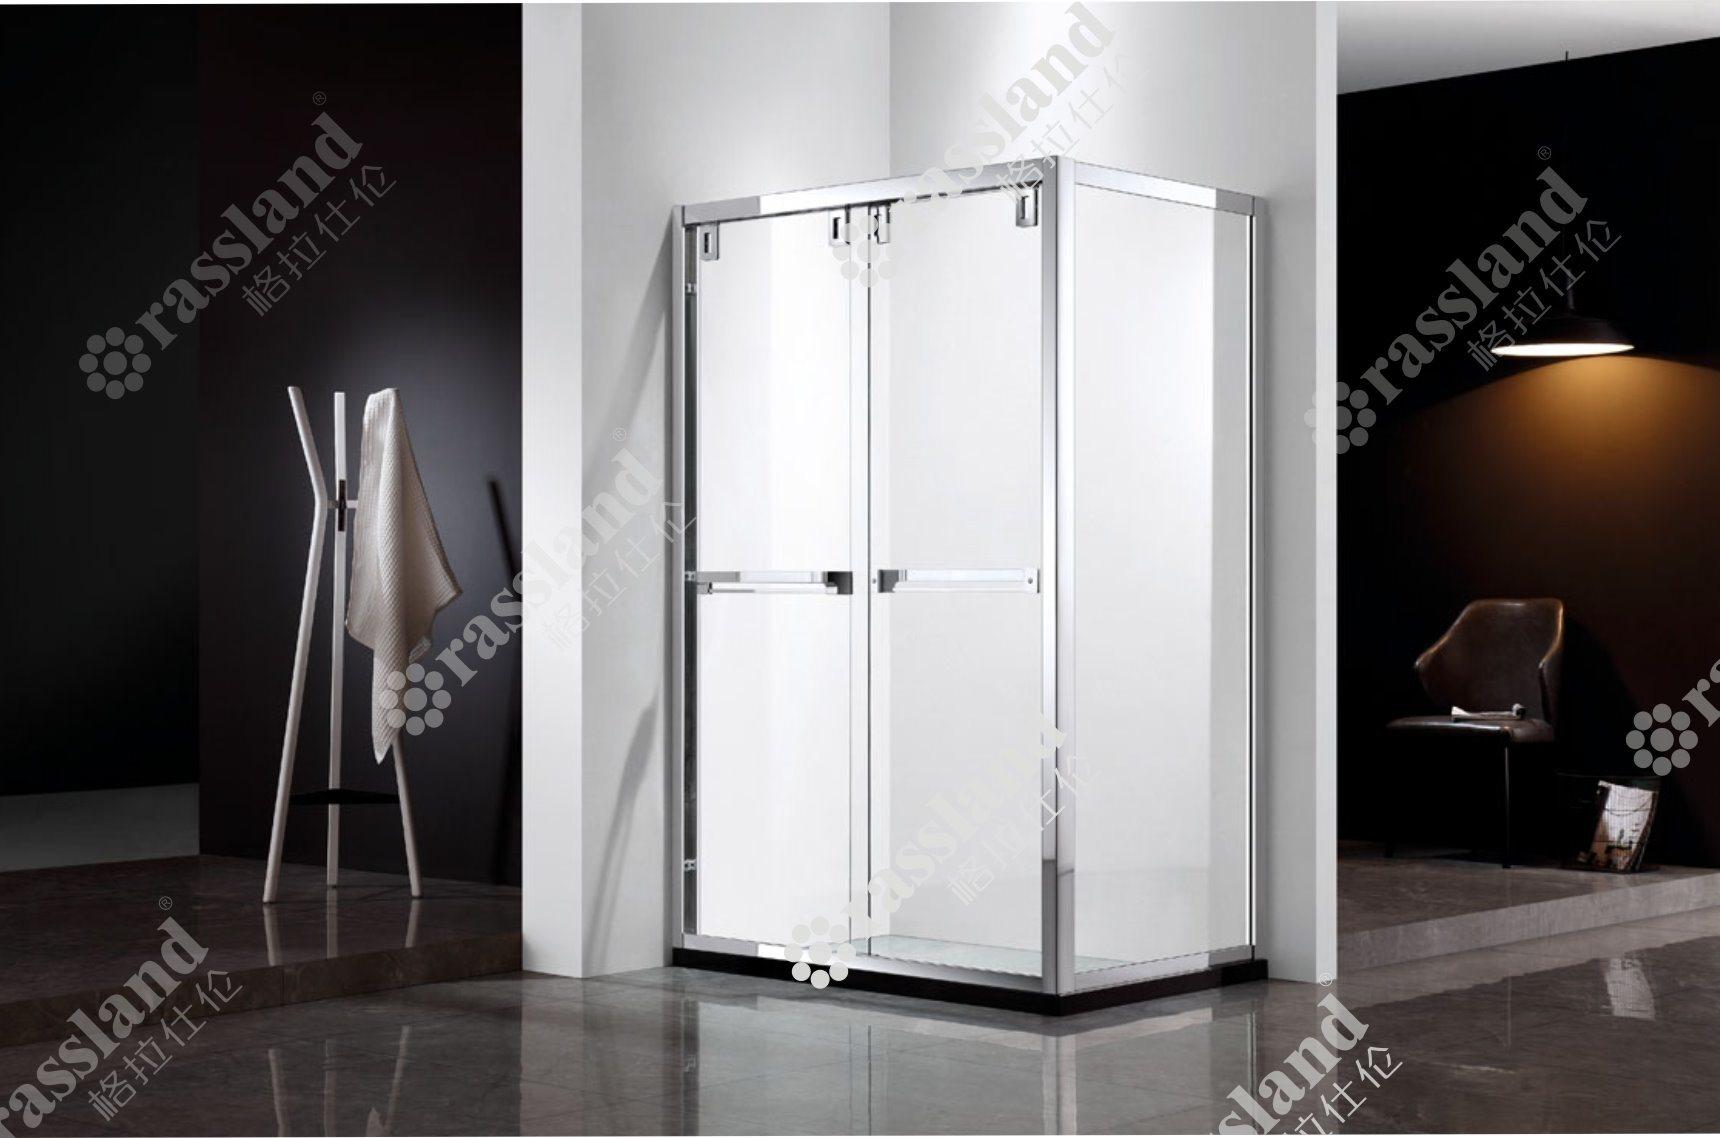 Atest ha progettato personalizzare facendo scorrere la doccia rettangolare di vetro di lusso della stanza da bagno dell'hotel